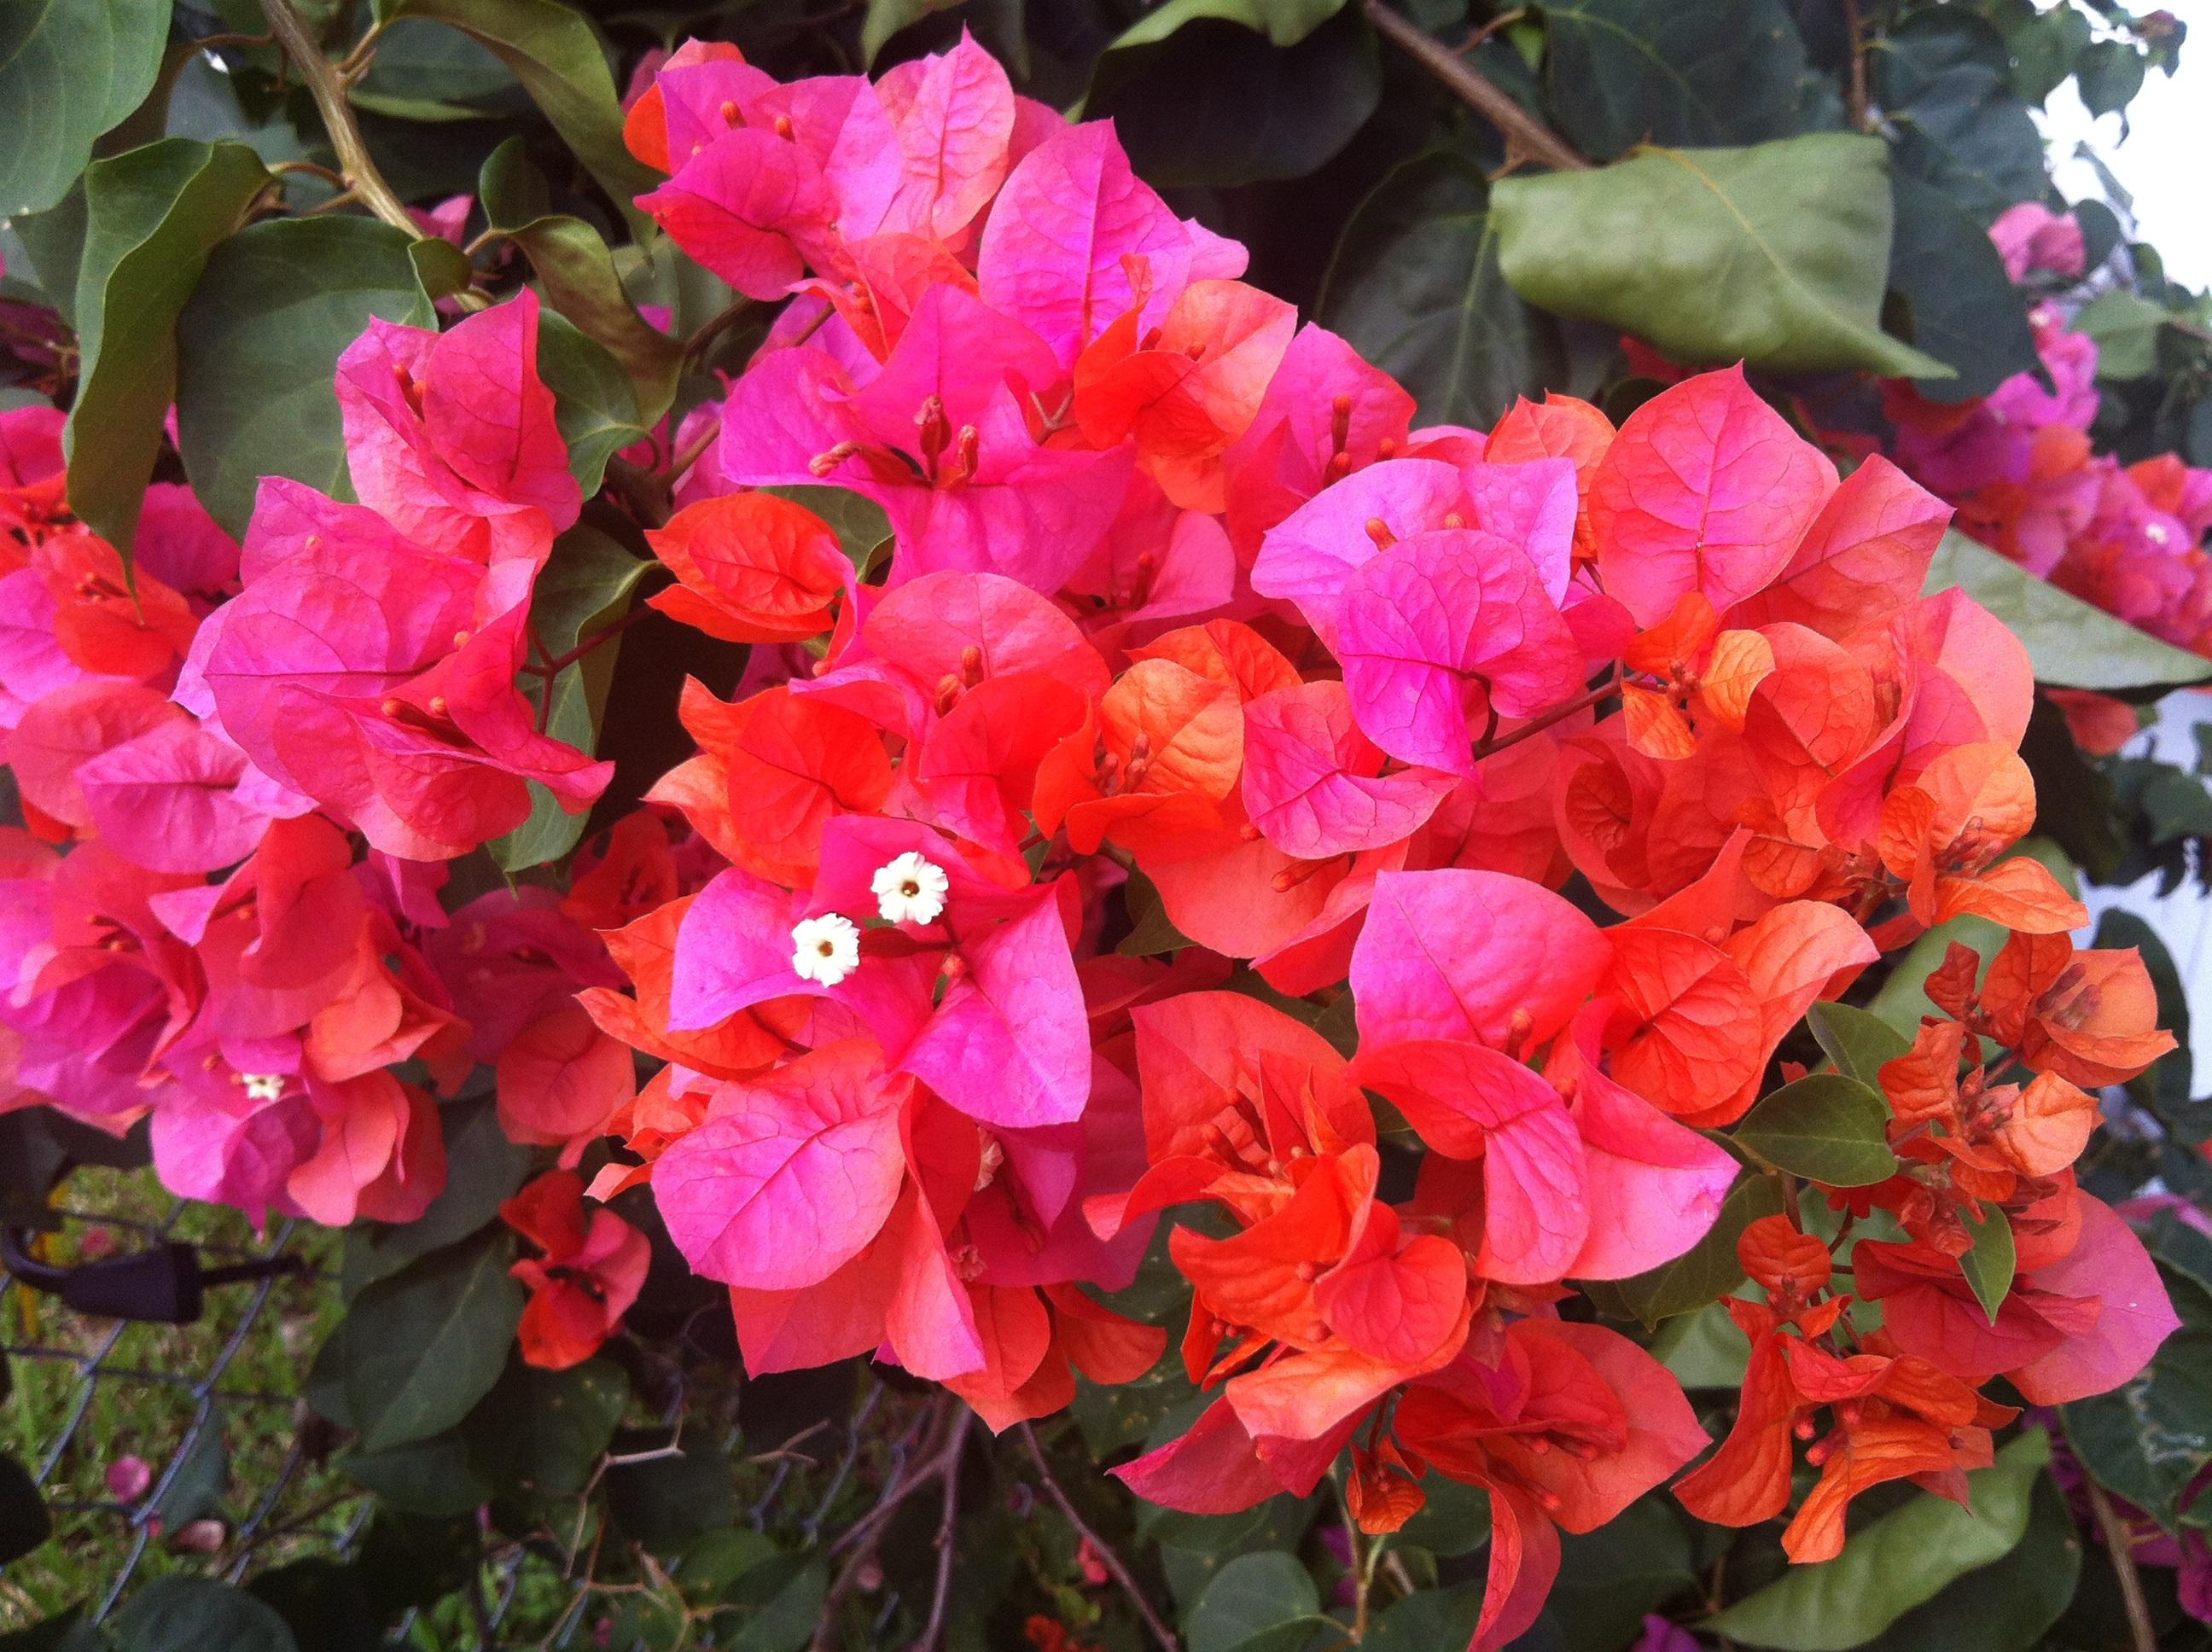 Free Images Nature Vine Flower Petal Bloom Summer Orange